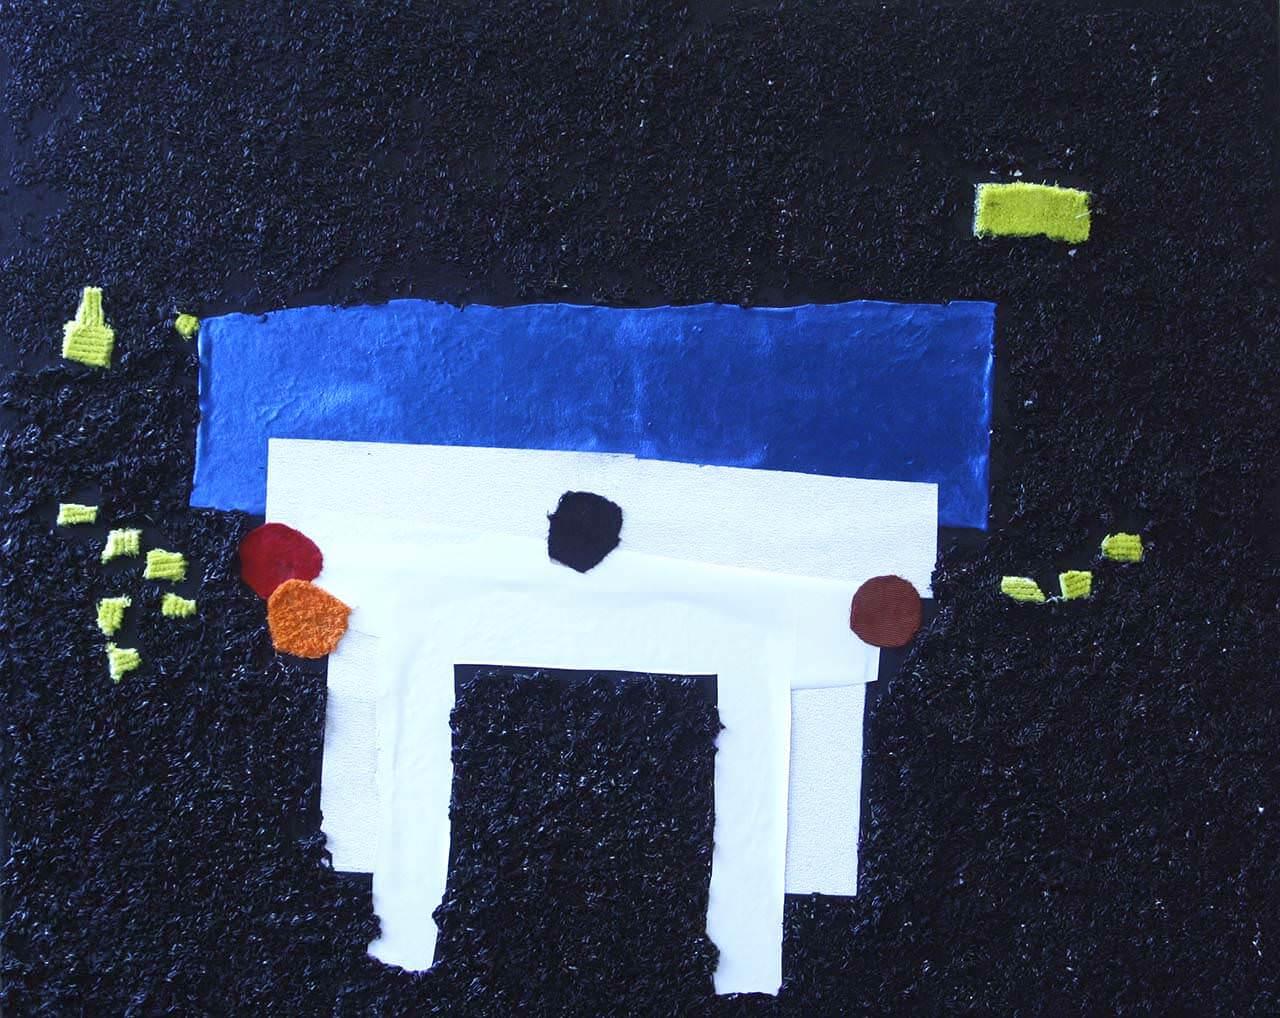 Het tafelgesprek80 x 100Schilderen met materialen op het schilderdoek volgensde Taktilamethode ontworpen door kunstenares Jofke van Loon.